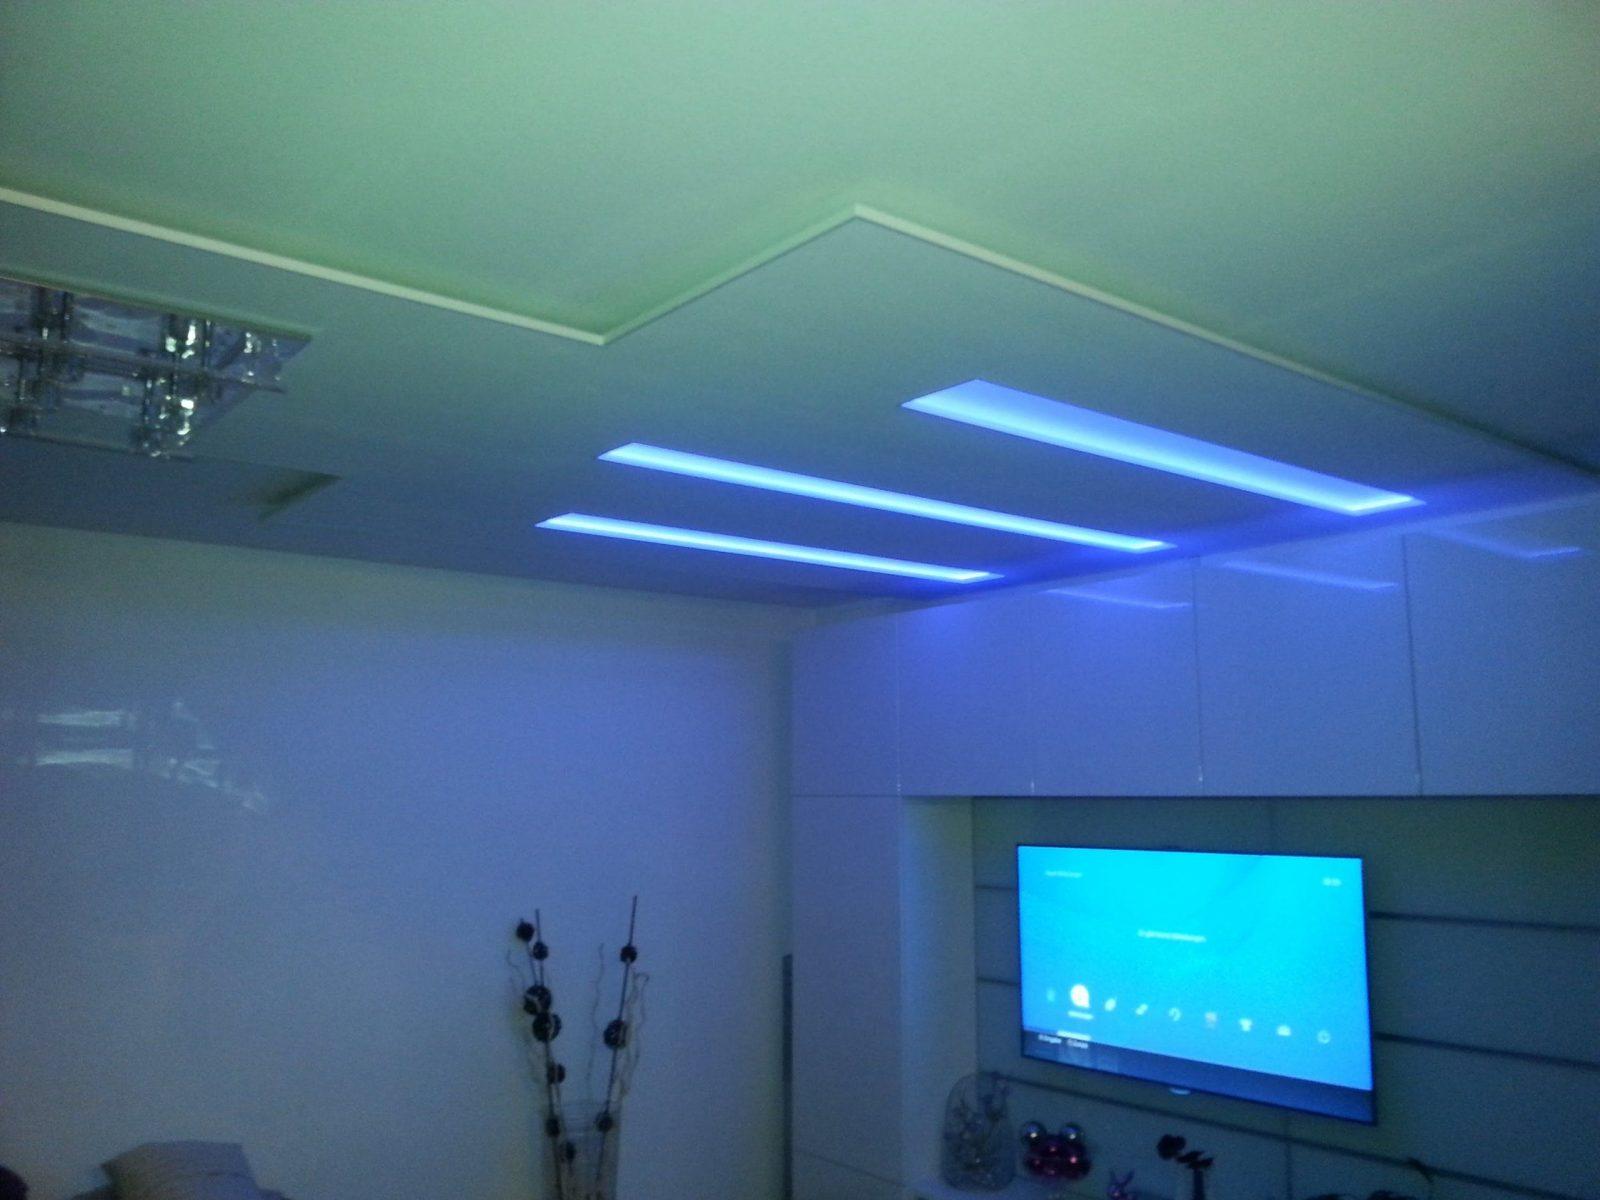 Decke Indirekte Beleuchtung Led  Youtube von Rigips Decke Indirekte Beleuchtung Bild